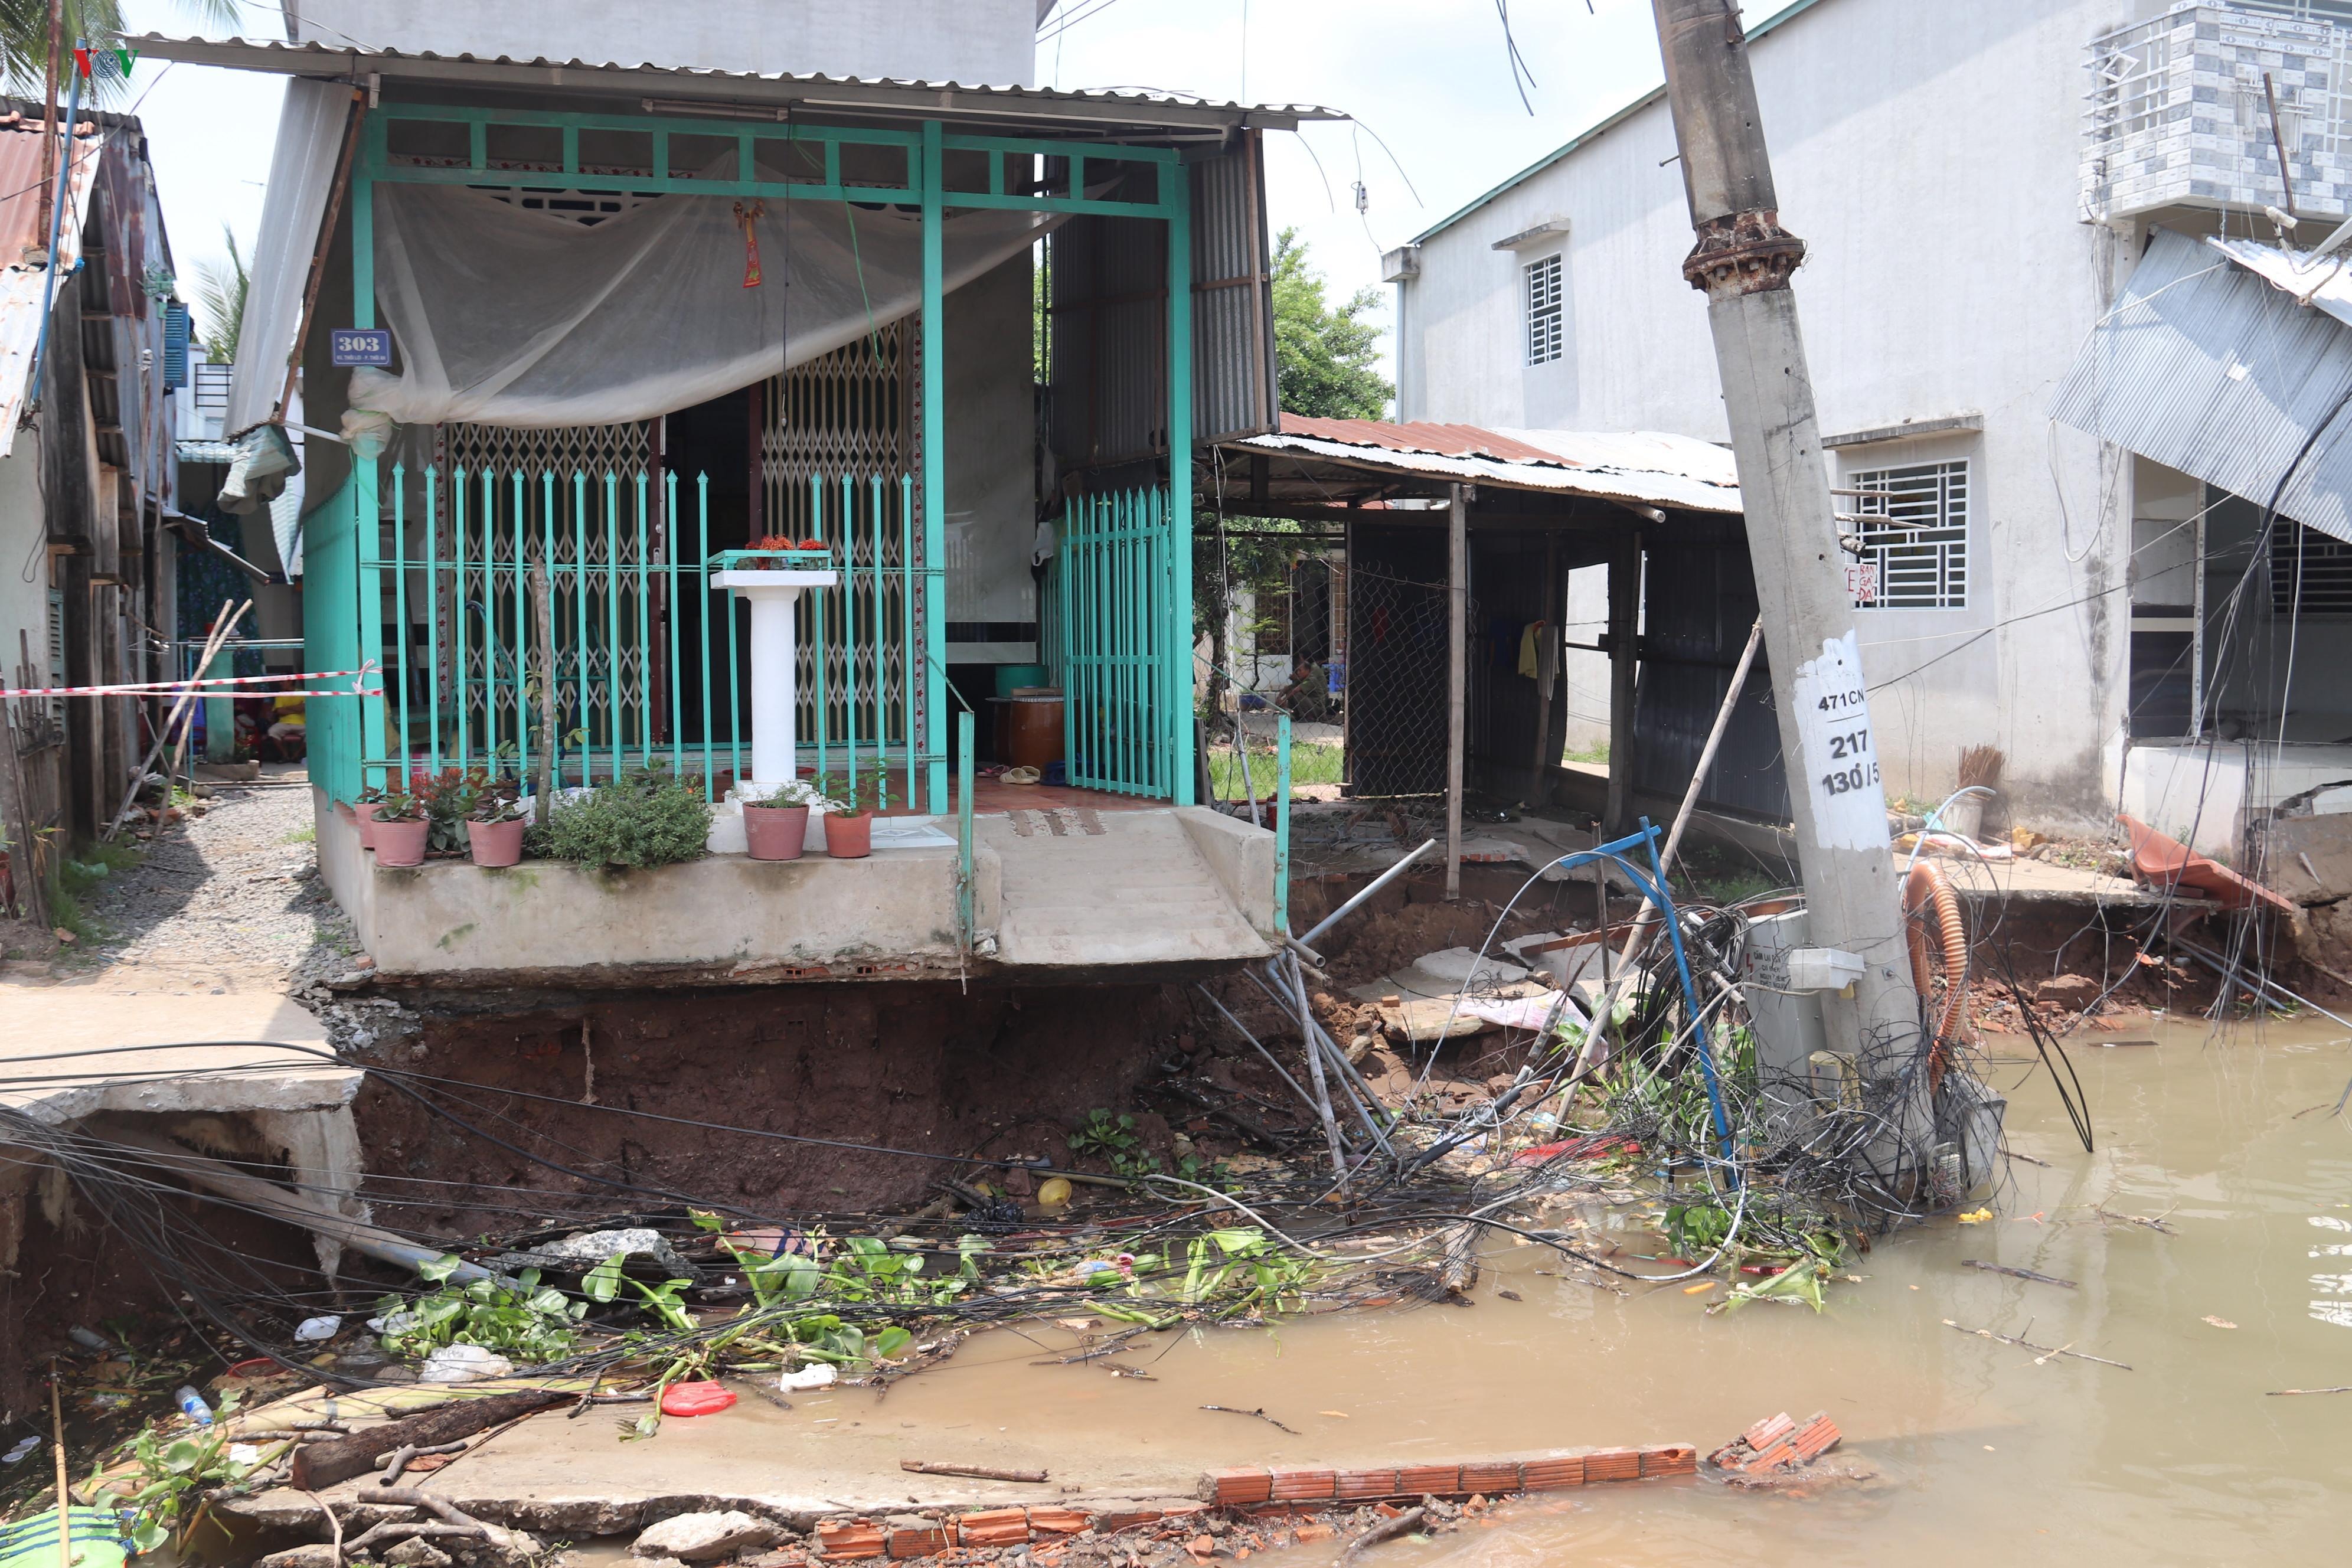 Sạt lở khiến 11 căn nhà ven sông Ô Môn, Cần Thơ bị ảnh hưởng Ảnh 1